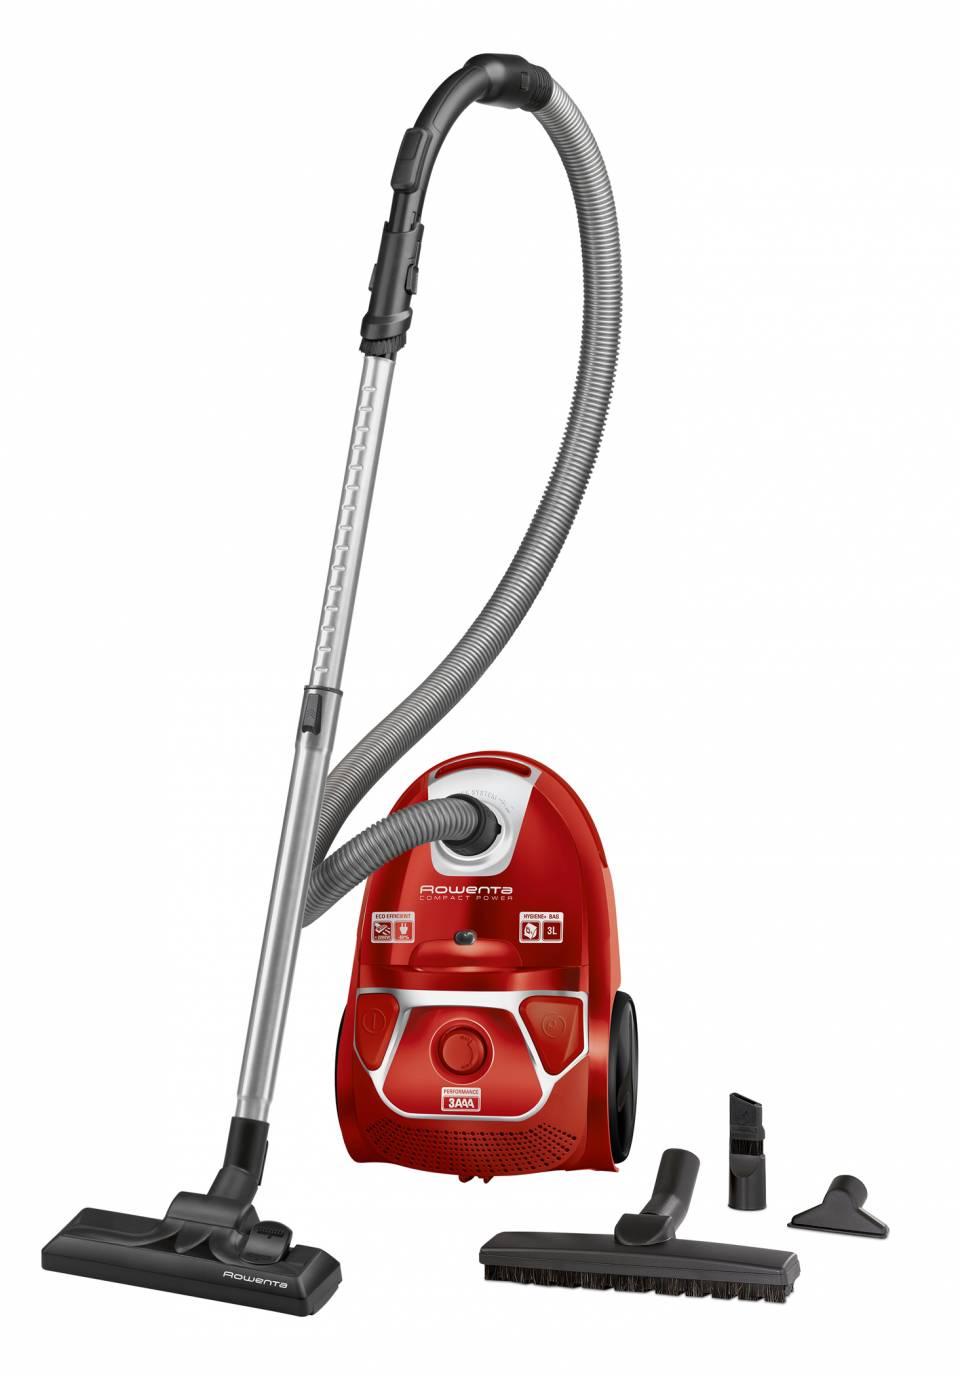 Staubsauger Für Parkett : rowenta staubsauger compact power parkett ~ Watch28wear.com Haus und Dekorationen